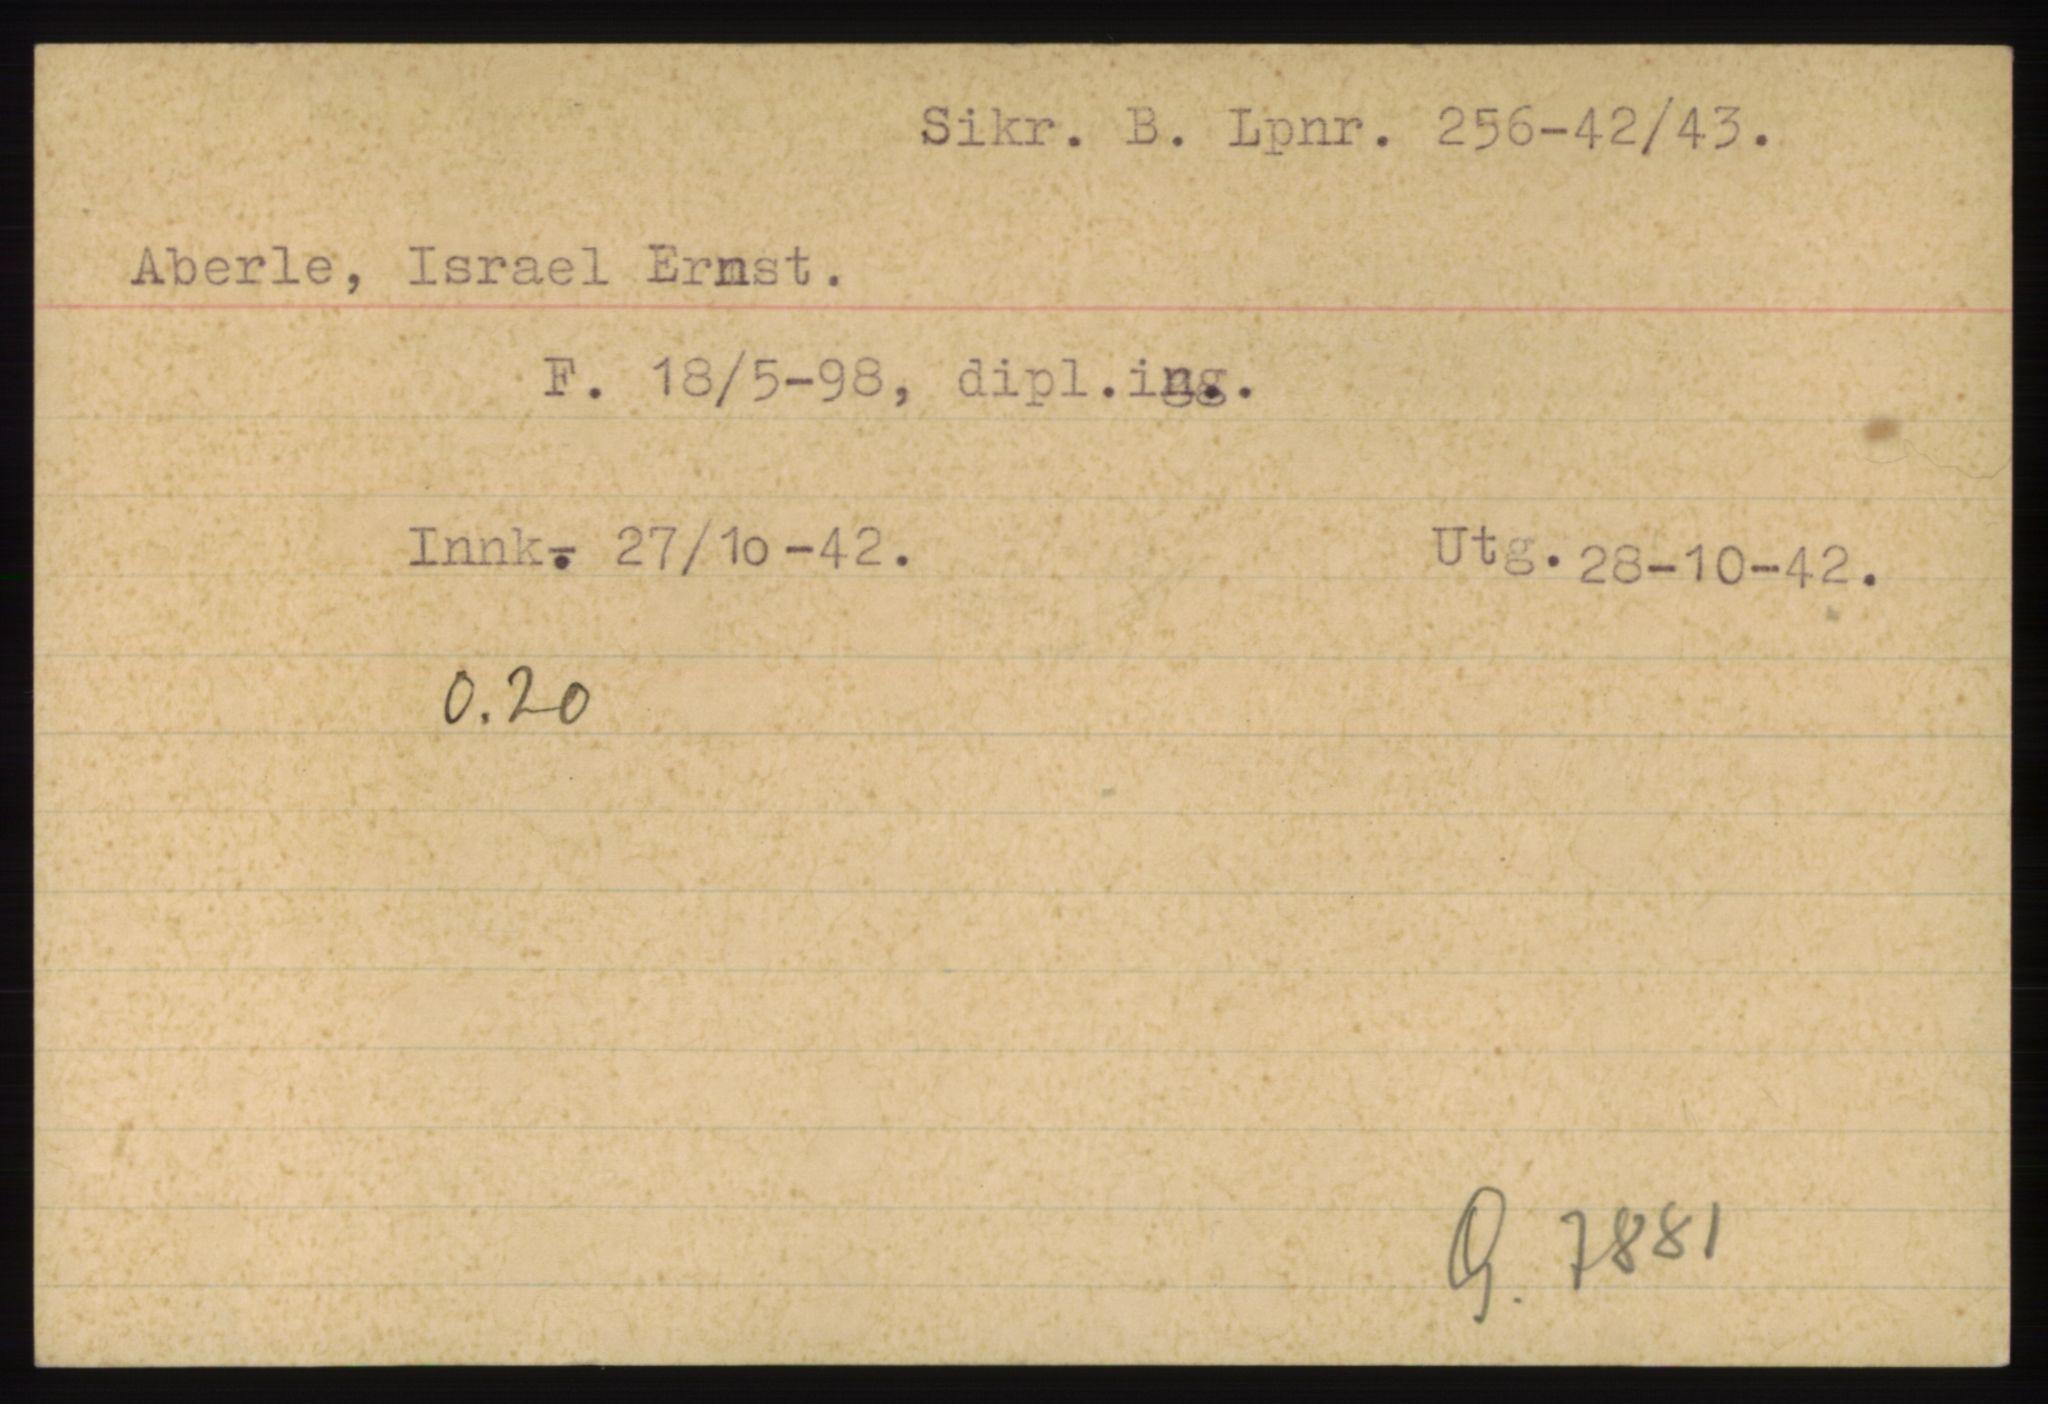 RA, Statspolitiet - Hovedkontoret / Osloavdelingen, C/Ck/Cke/L0002: Fangeregister A-F, 1941-1945, s. 1